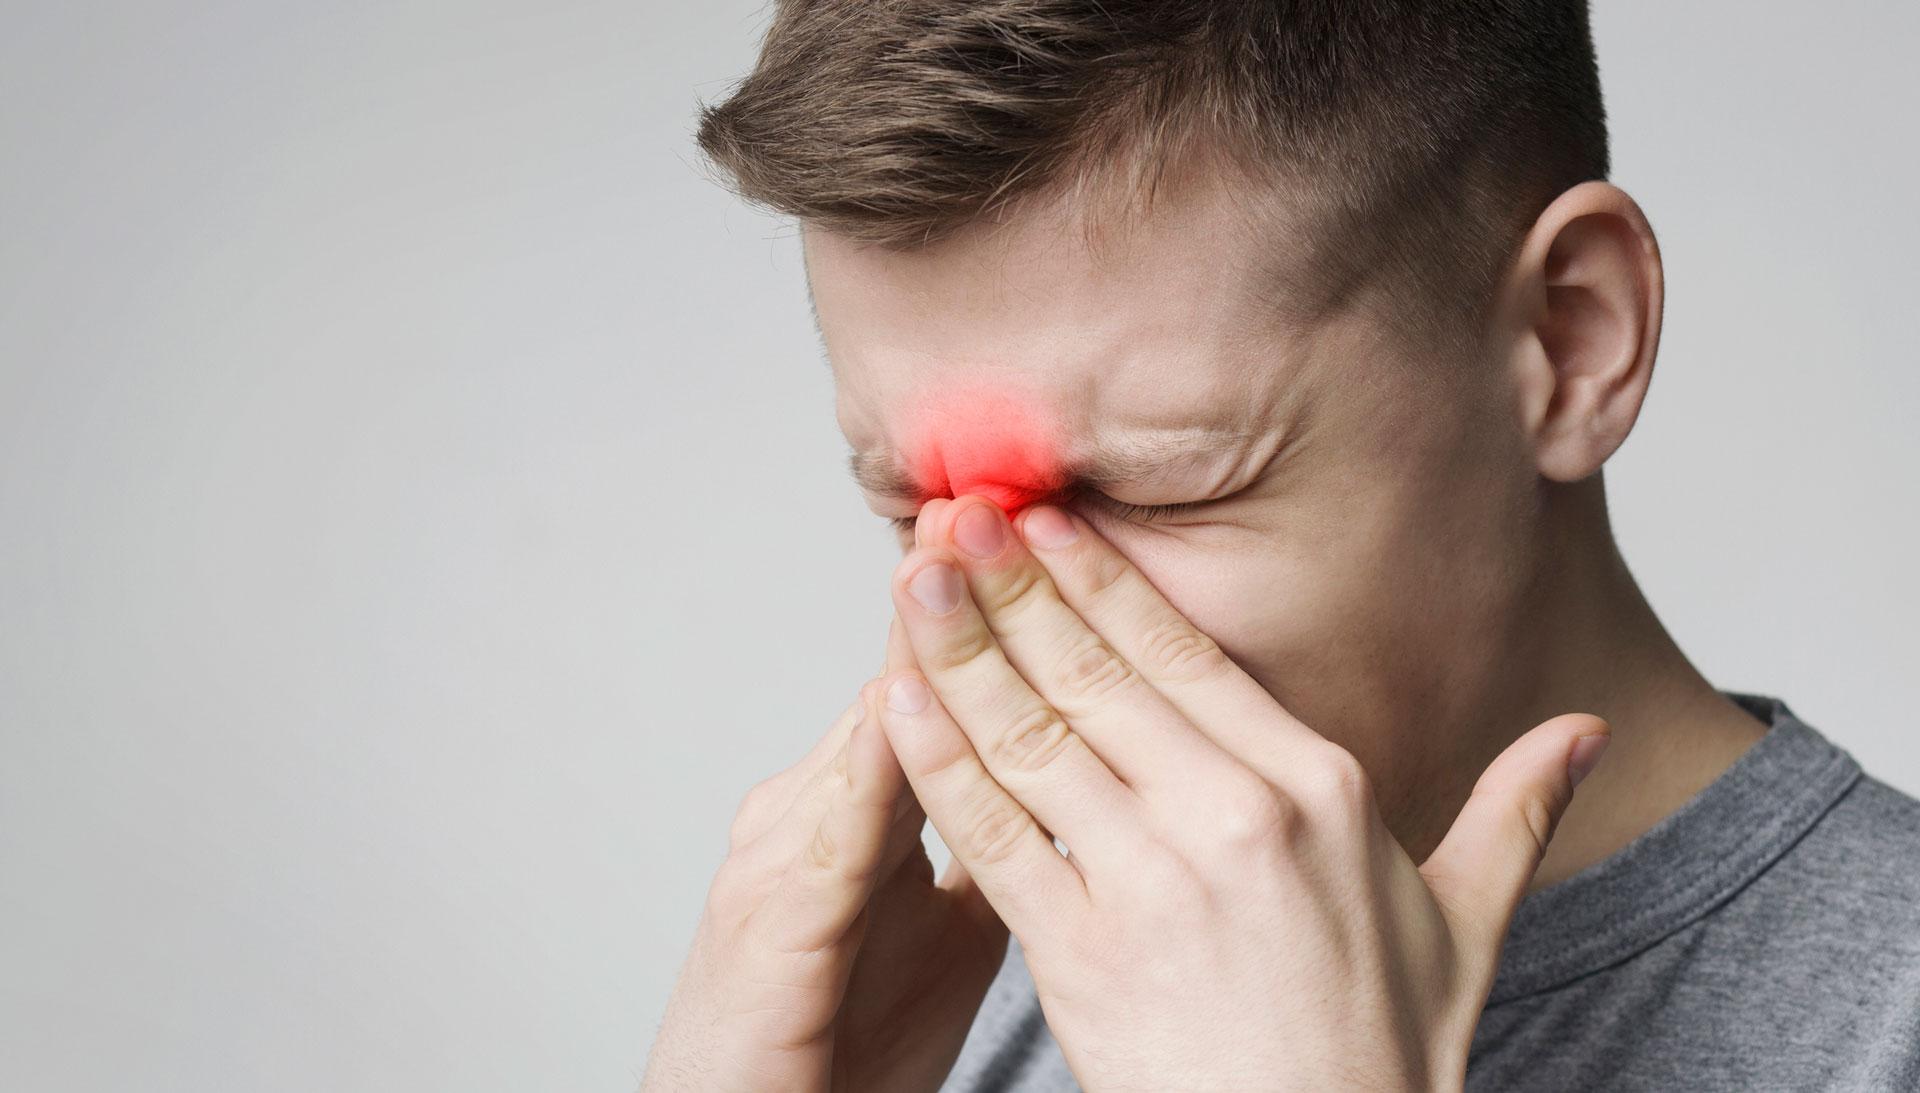 Kansas City Allergy & Asthma - Sinusitis